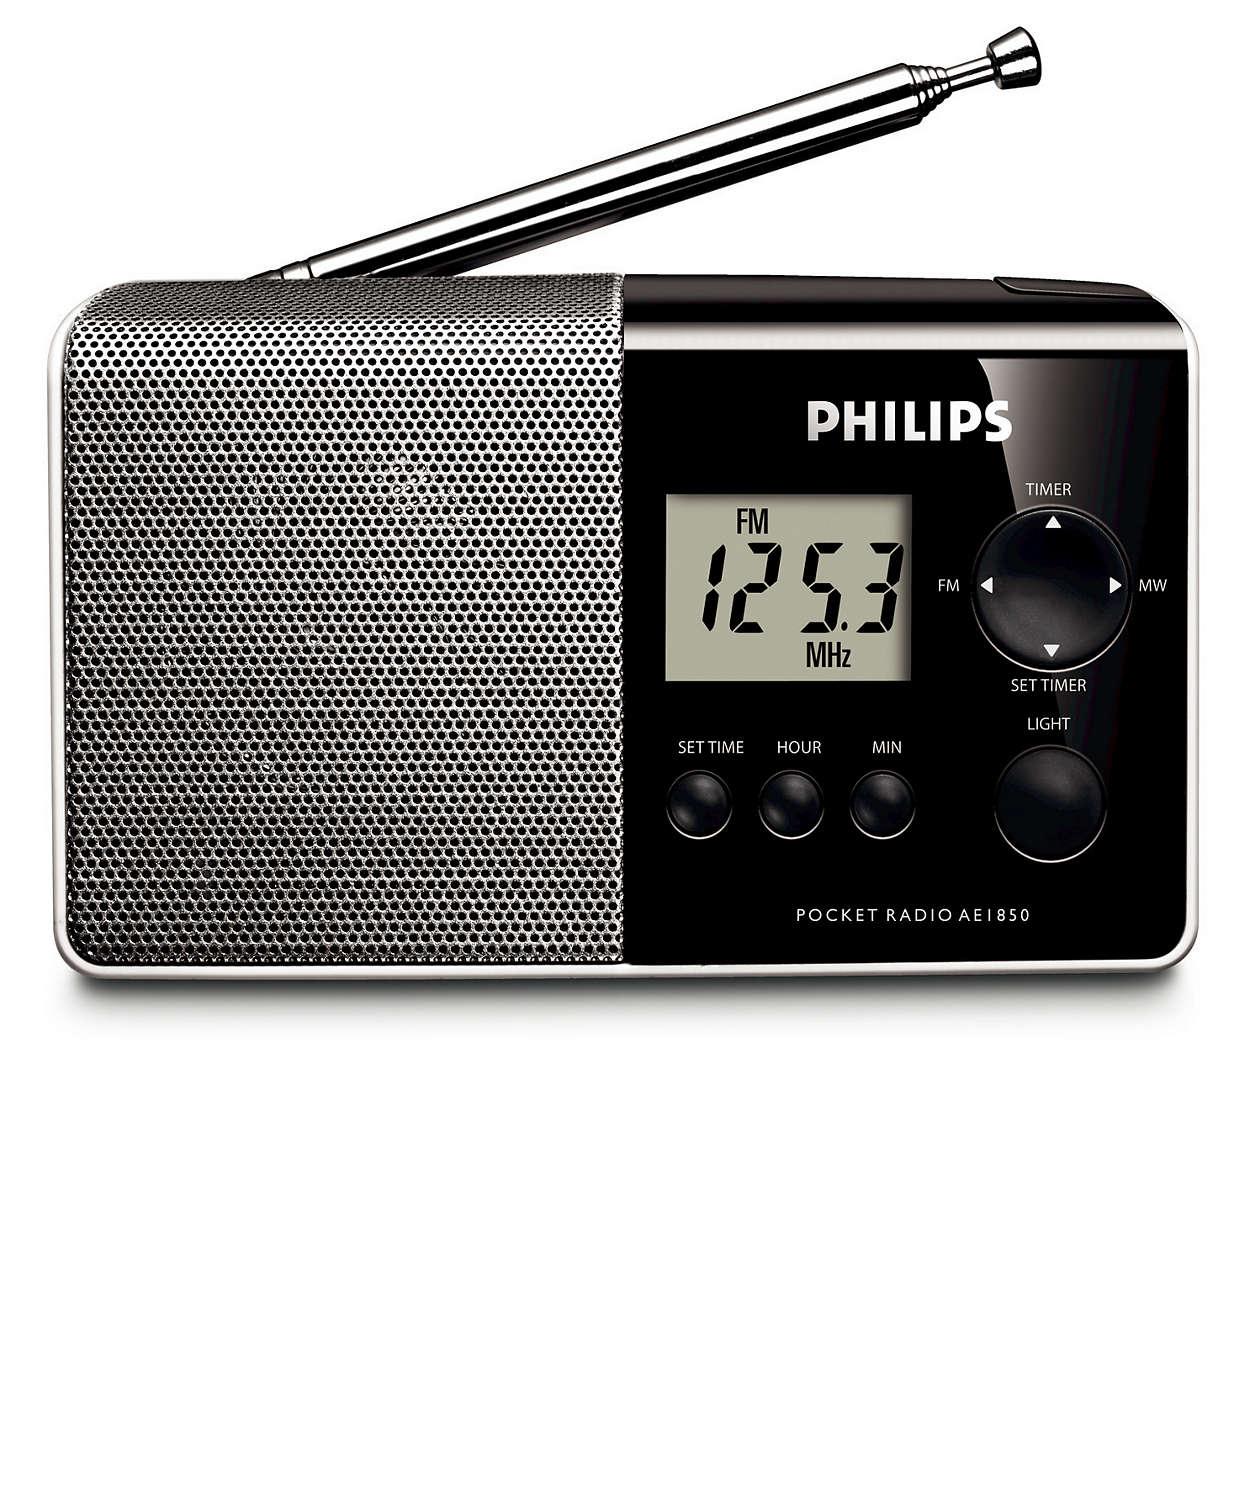 Radio när du är på väg